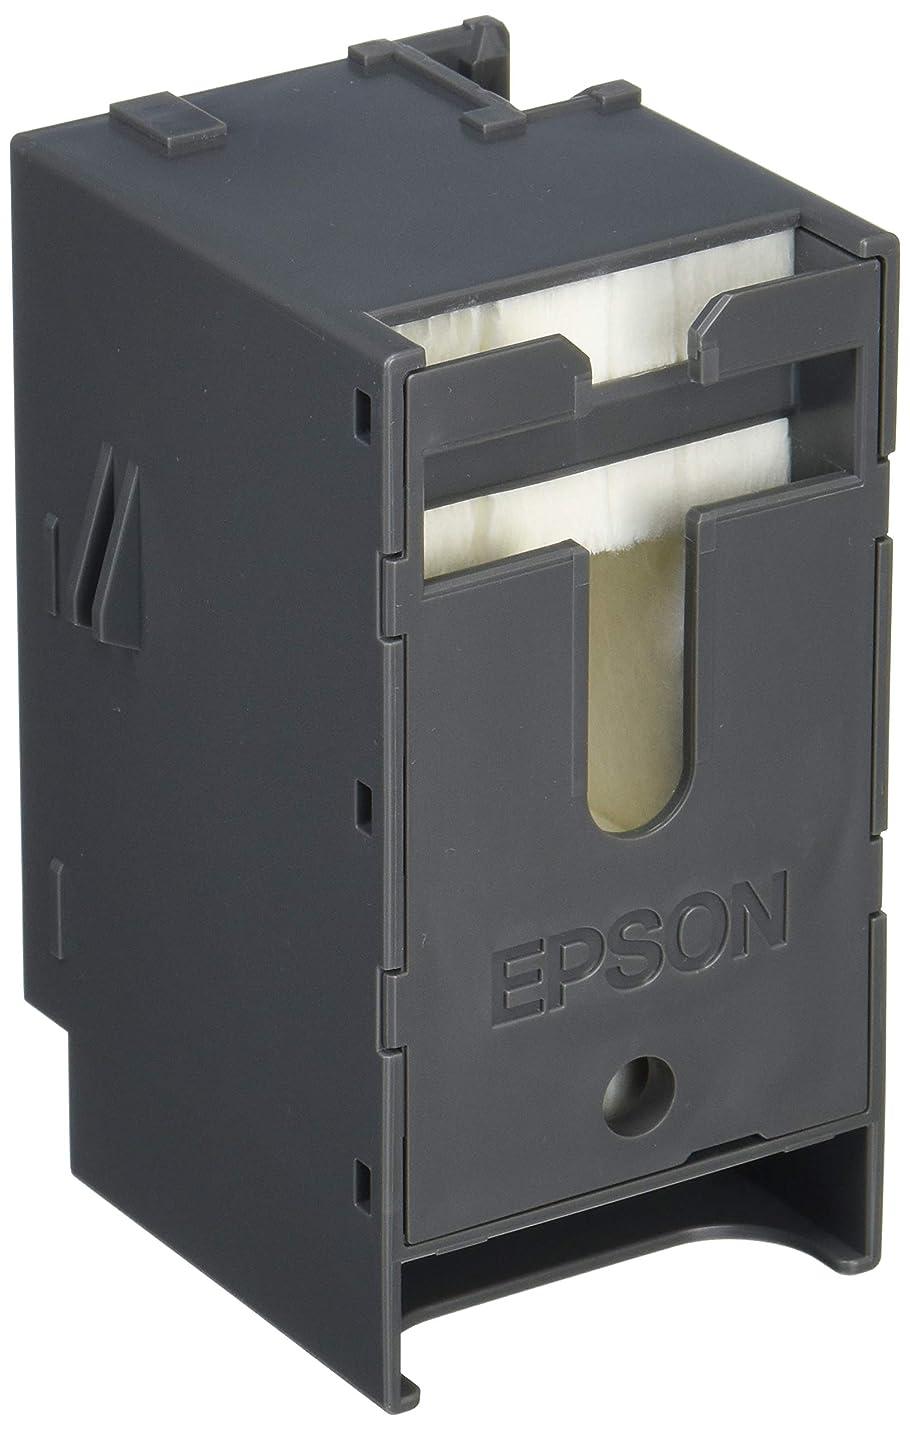 湾膨らみ条約EPSON メンテナンスボックス PXMB8 PX-M884F/S884用